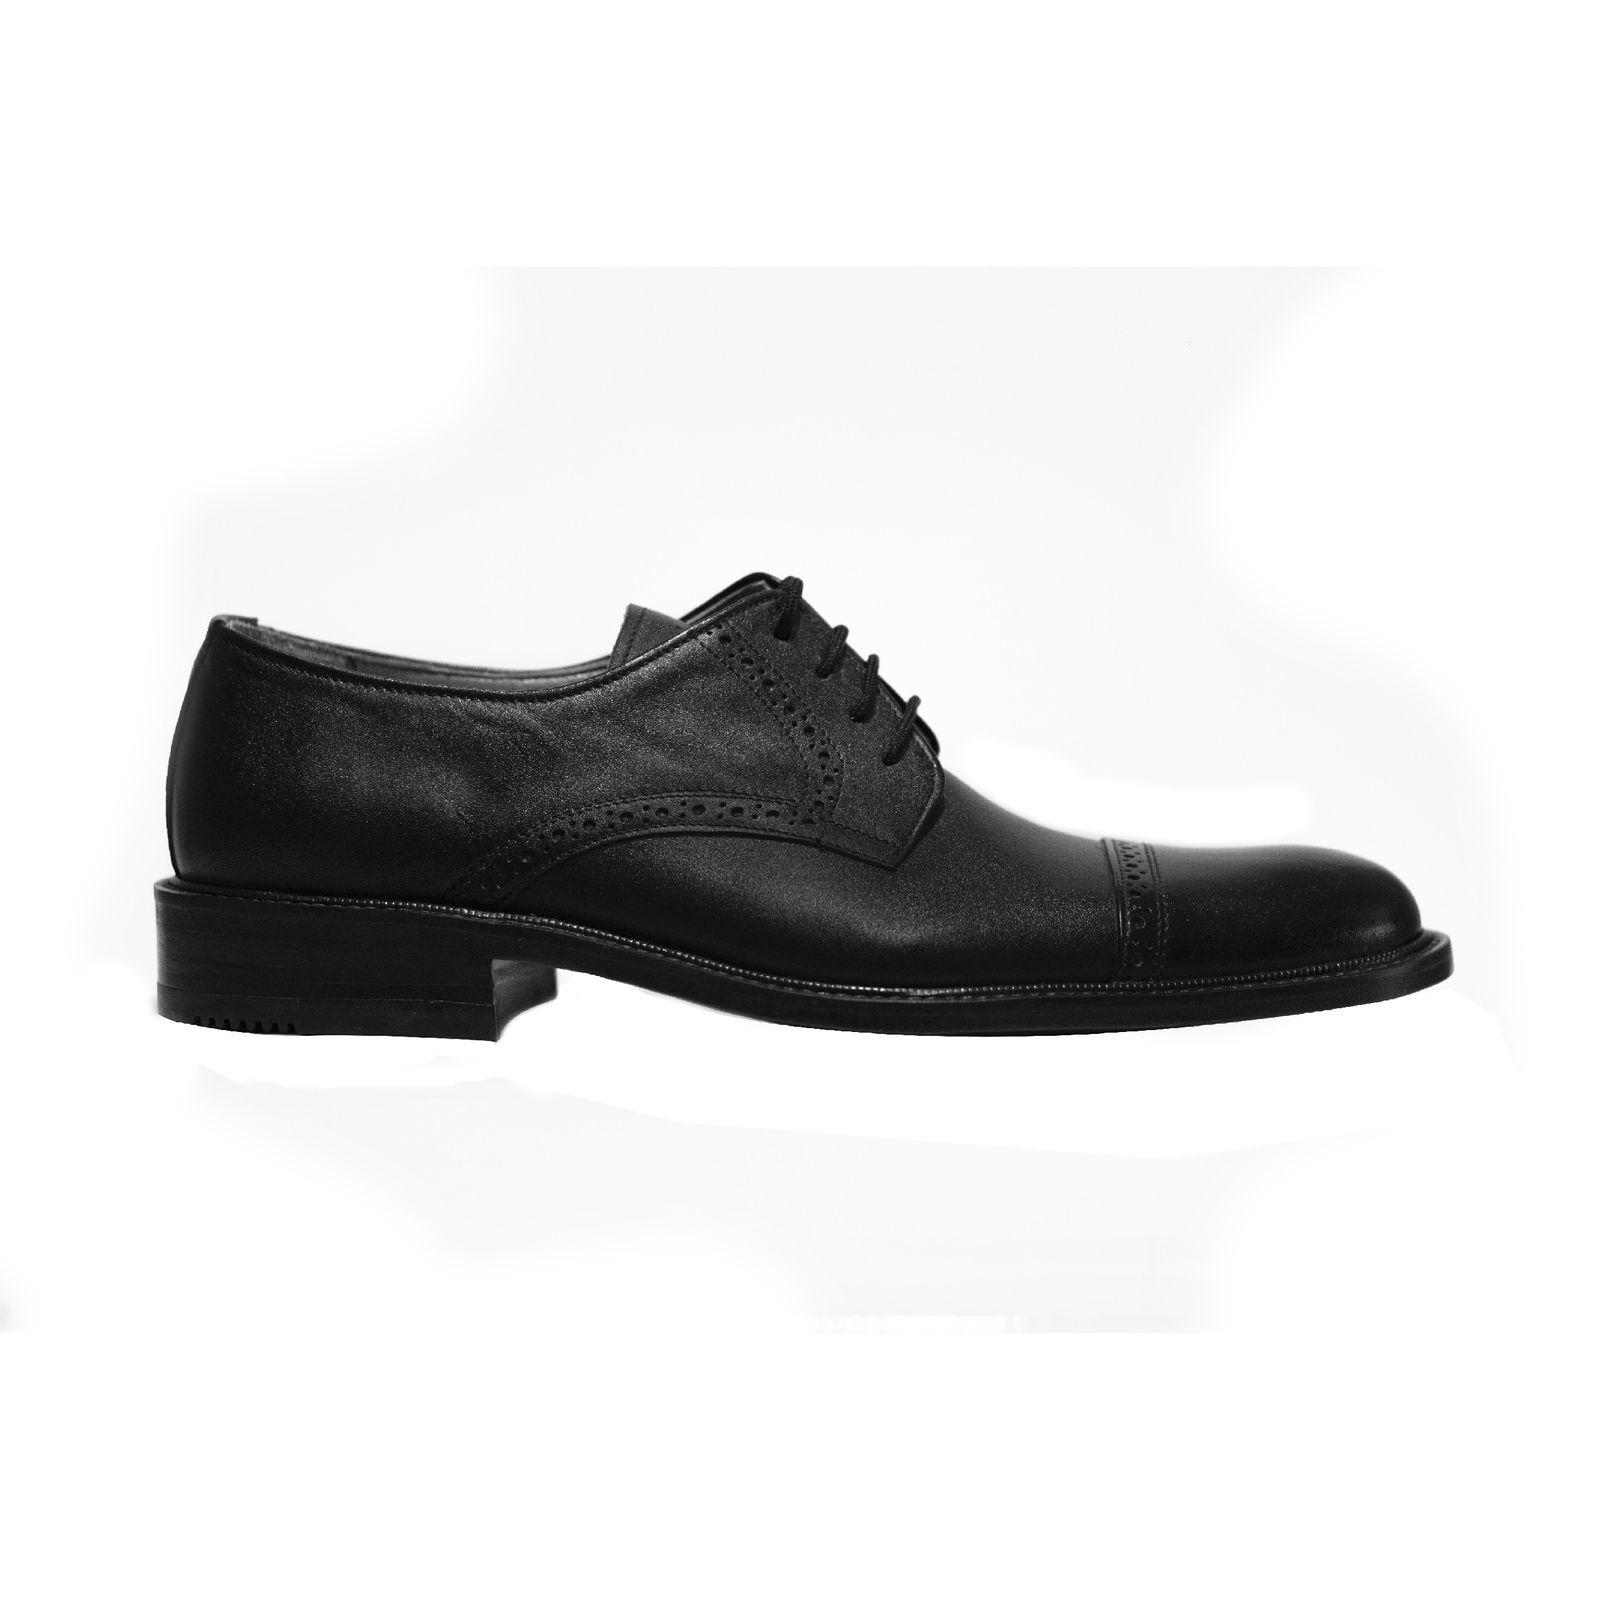 کفش مردانه کد 1698 -  - 1